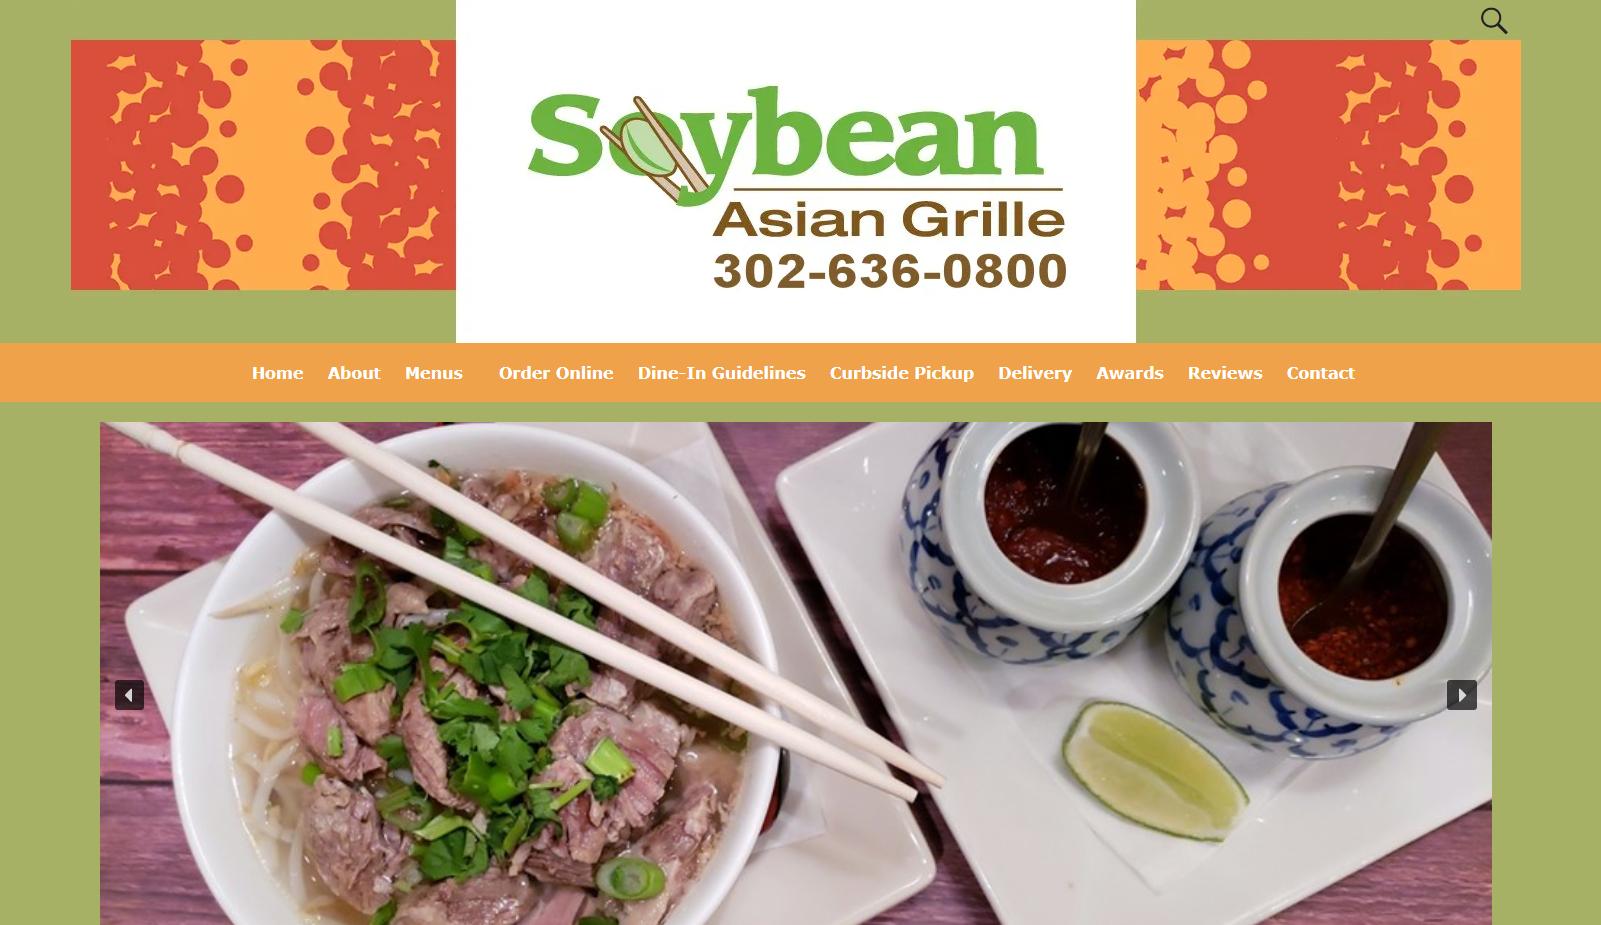 Soybean Asian Grille in Pike Creek DE